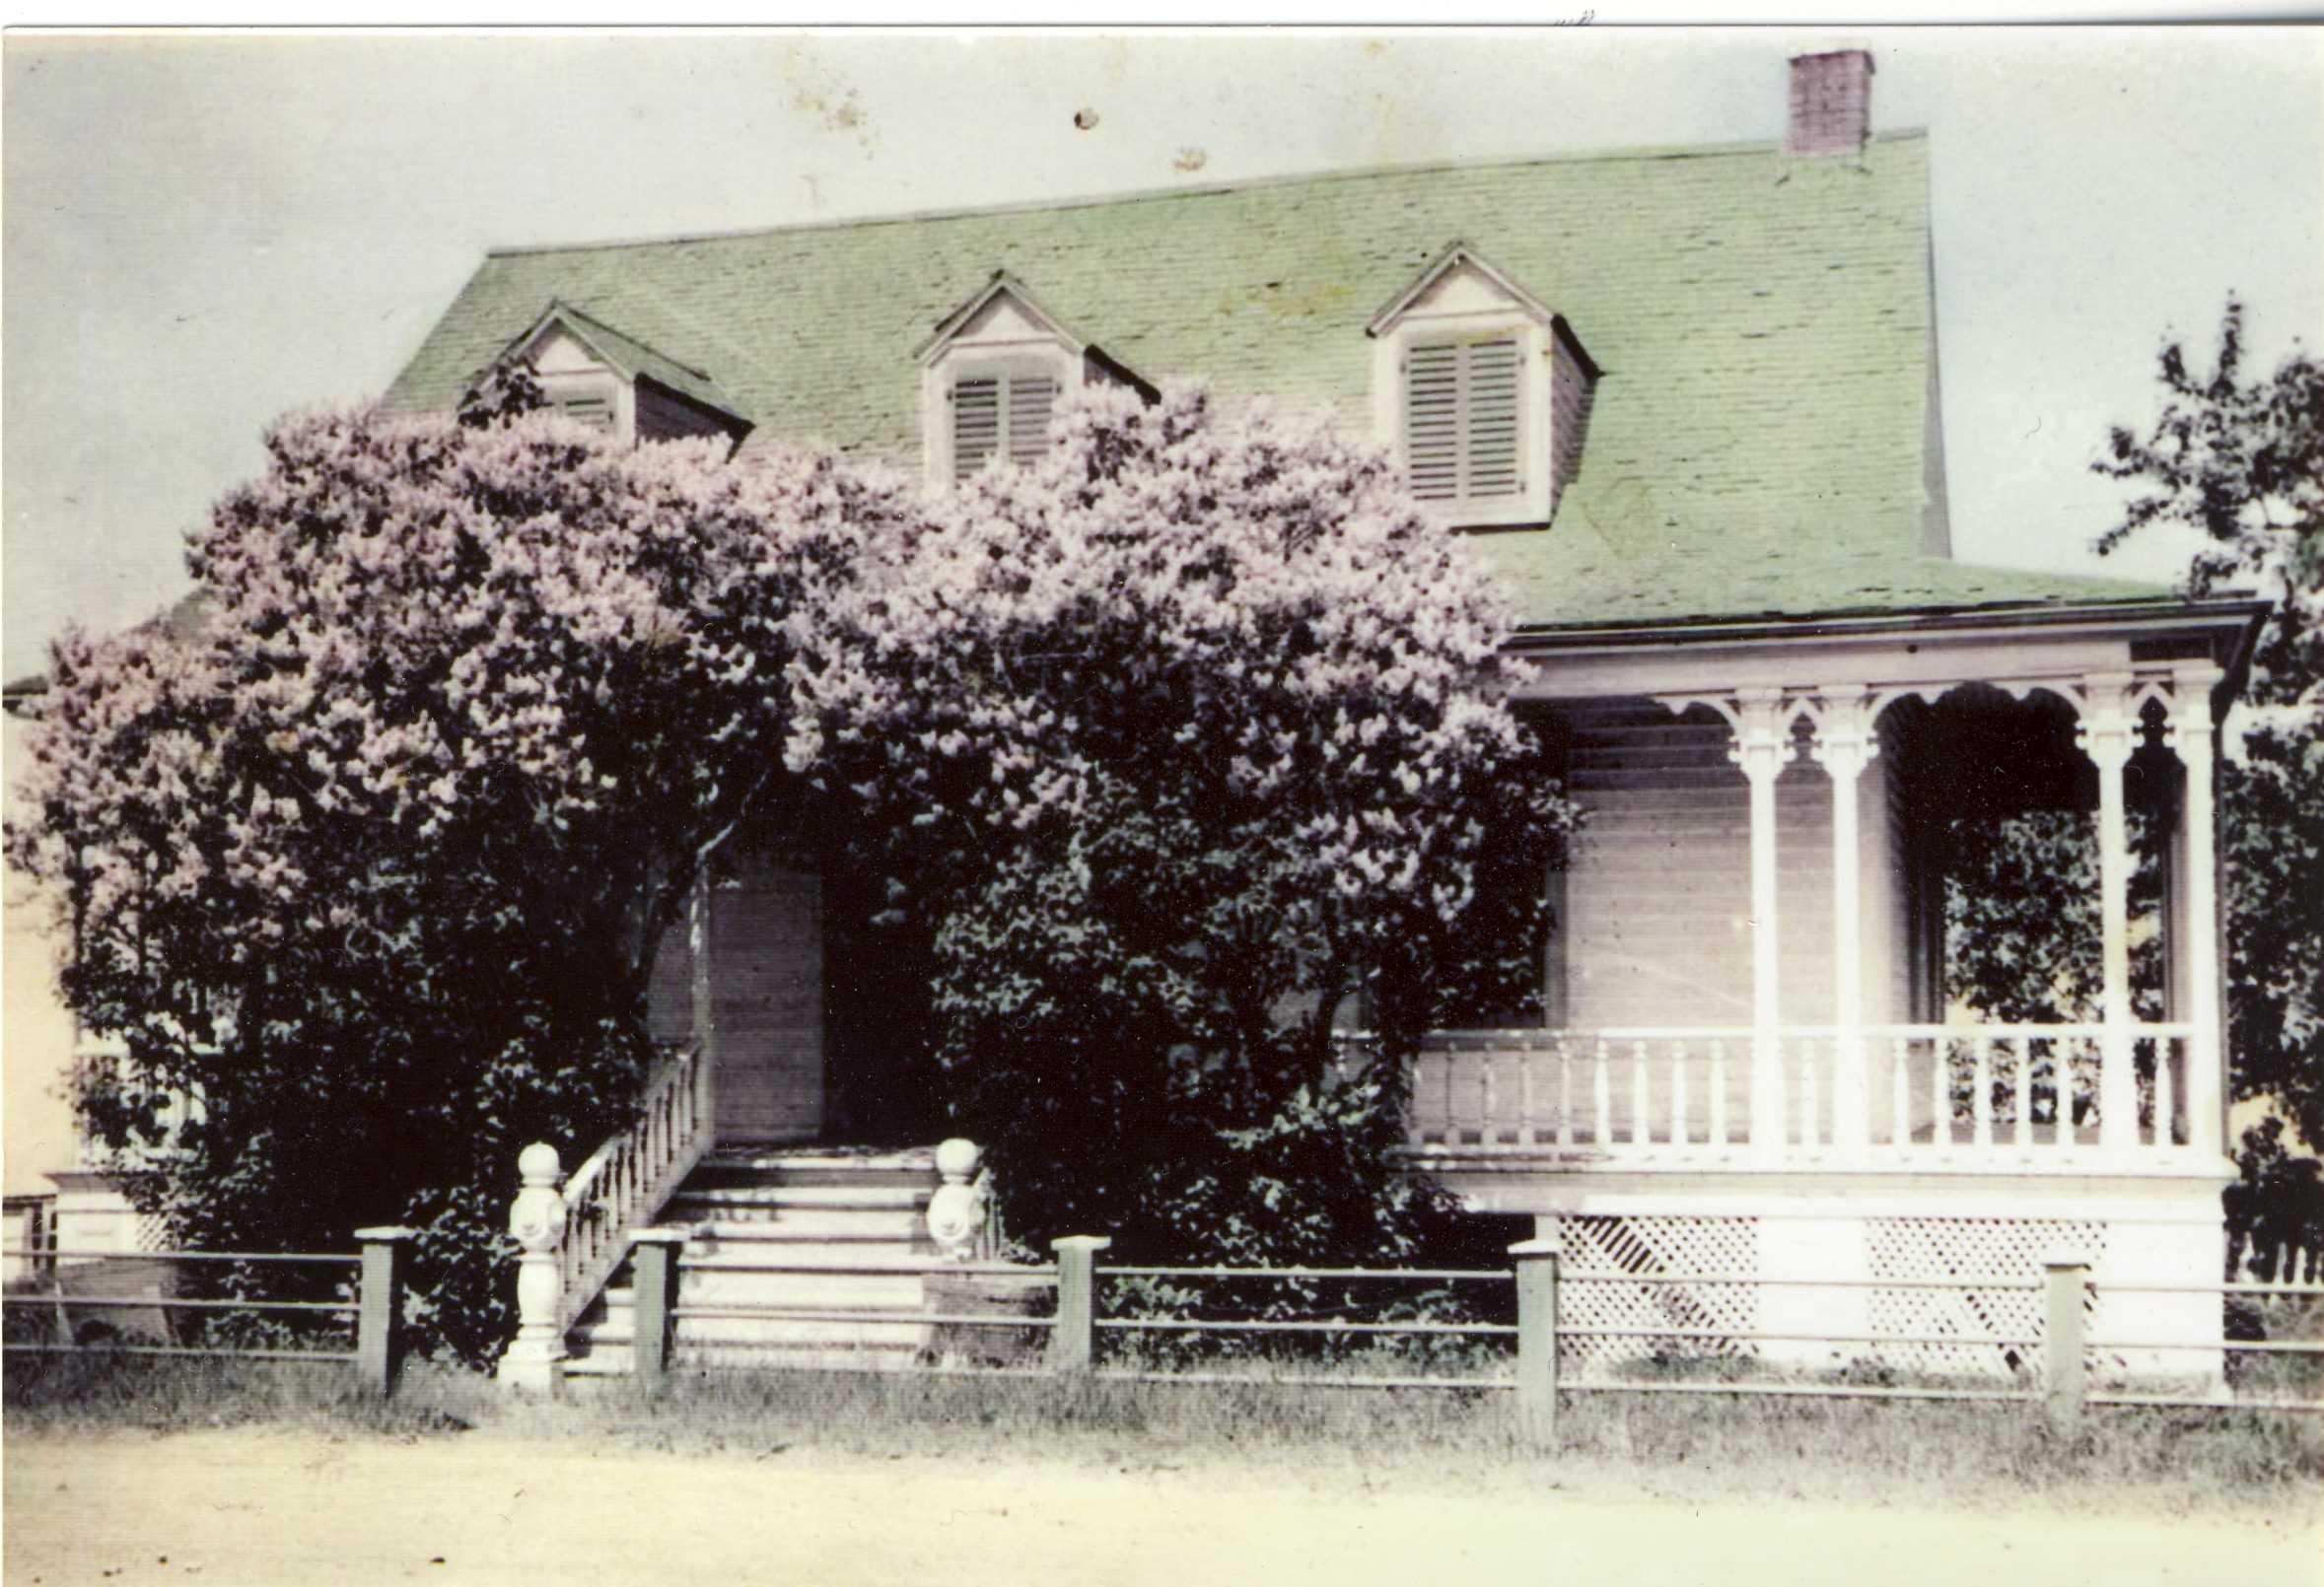 Photographie noir et blanc avec des retouches de couleur, présentant une maison ancienne partiellement cachée par des lilas.